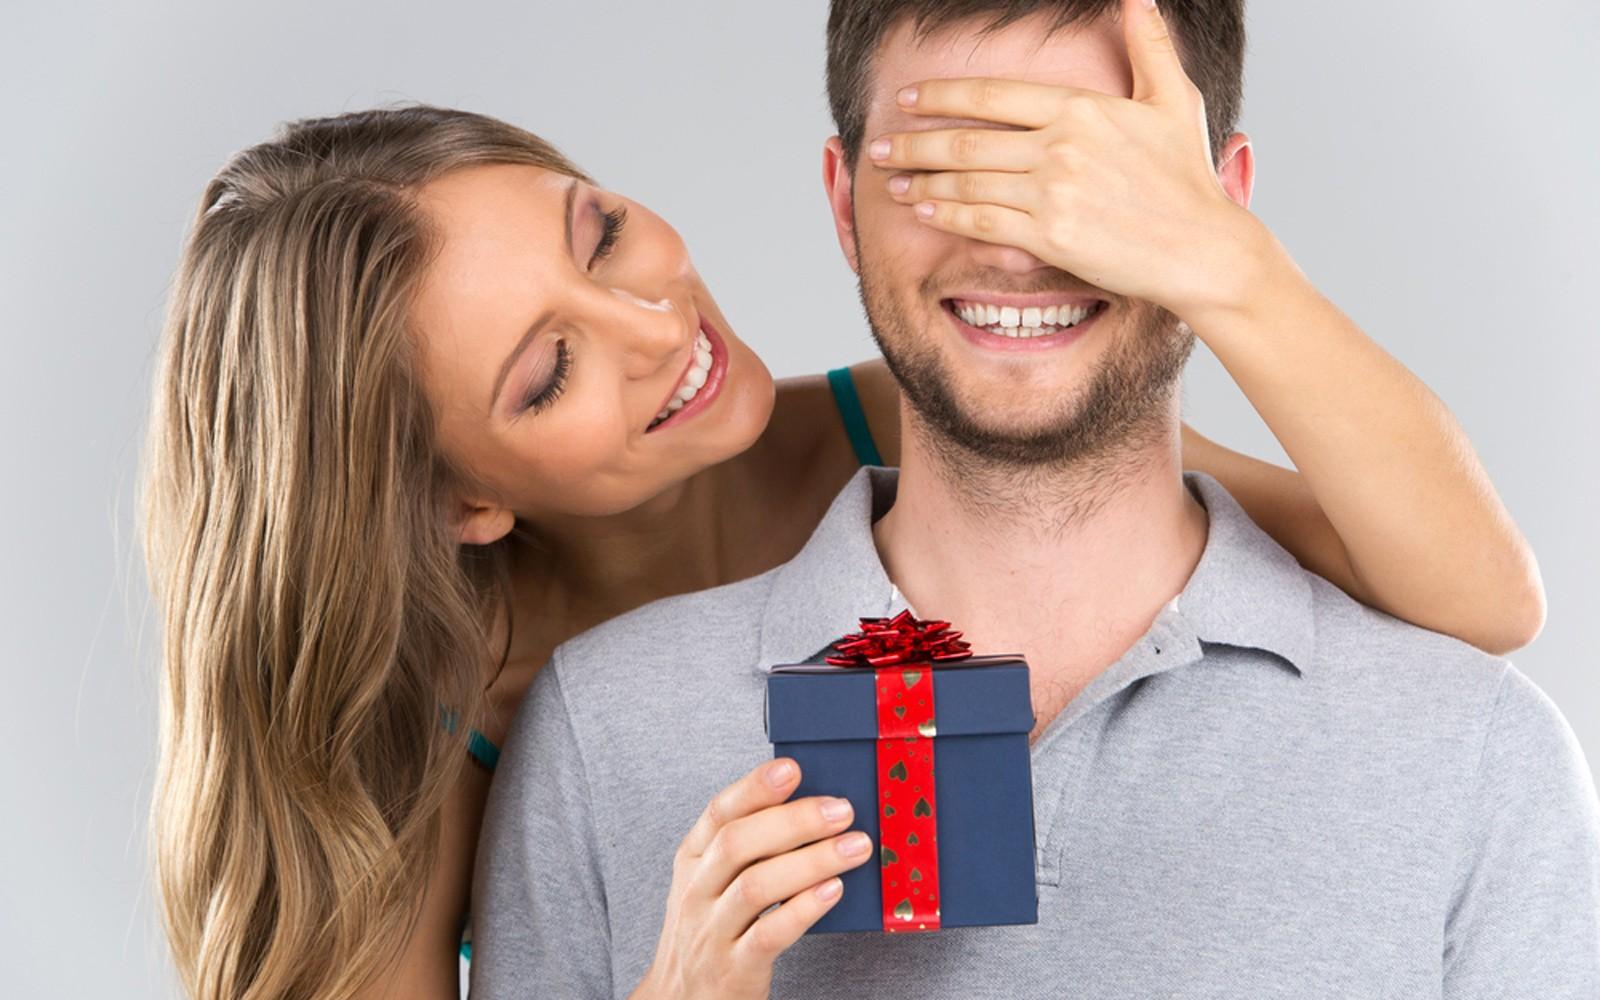 51926045fa4e Термобелье. Ваша забота не останется не замеченной — парню на 23 февраля  этот подарок будет как раз кстати. Качественное термобелье прослужит ни  один сезон.